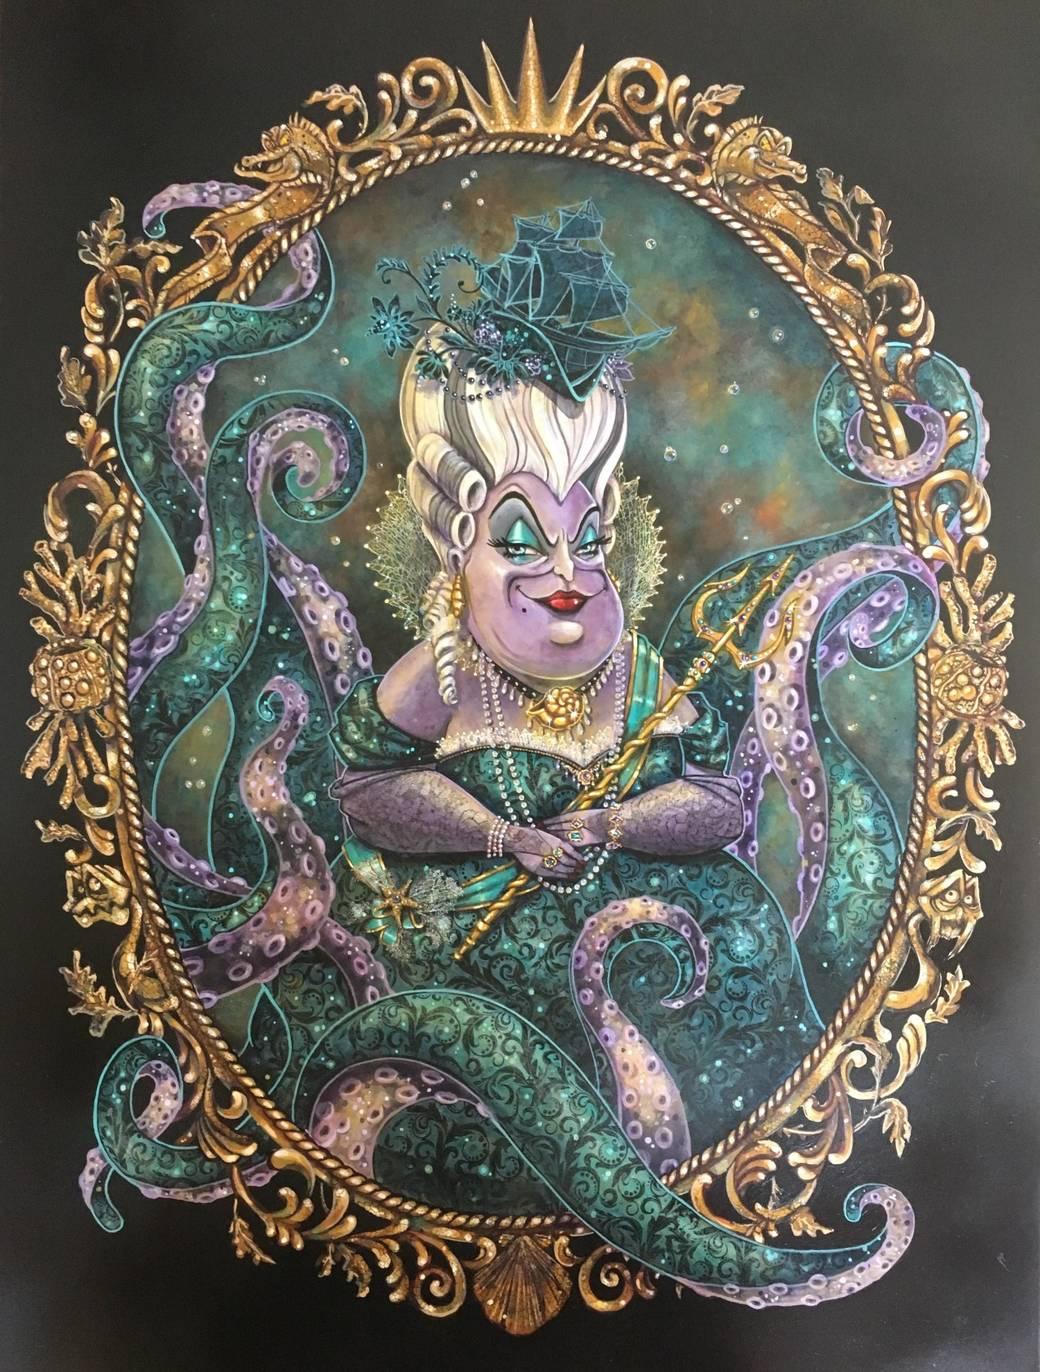 Ursula portrait by John Coulter